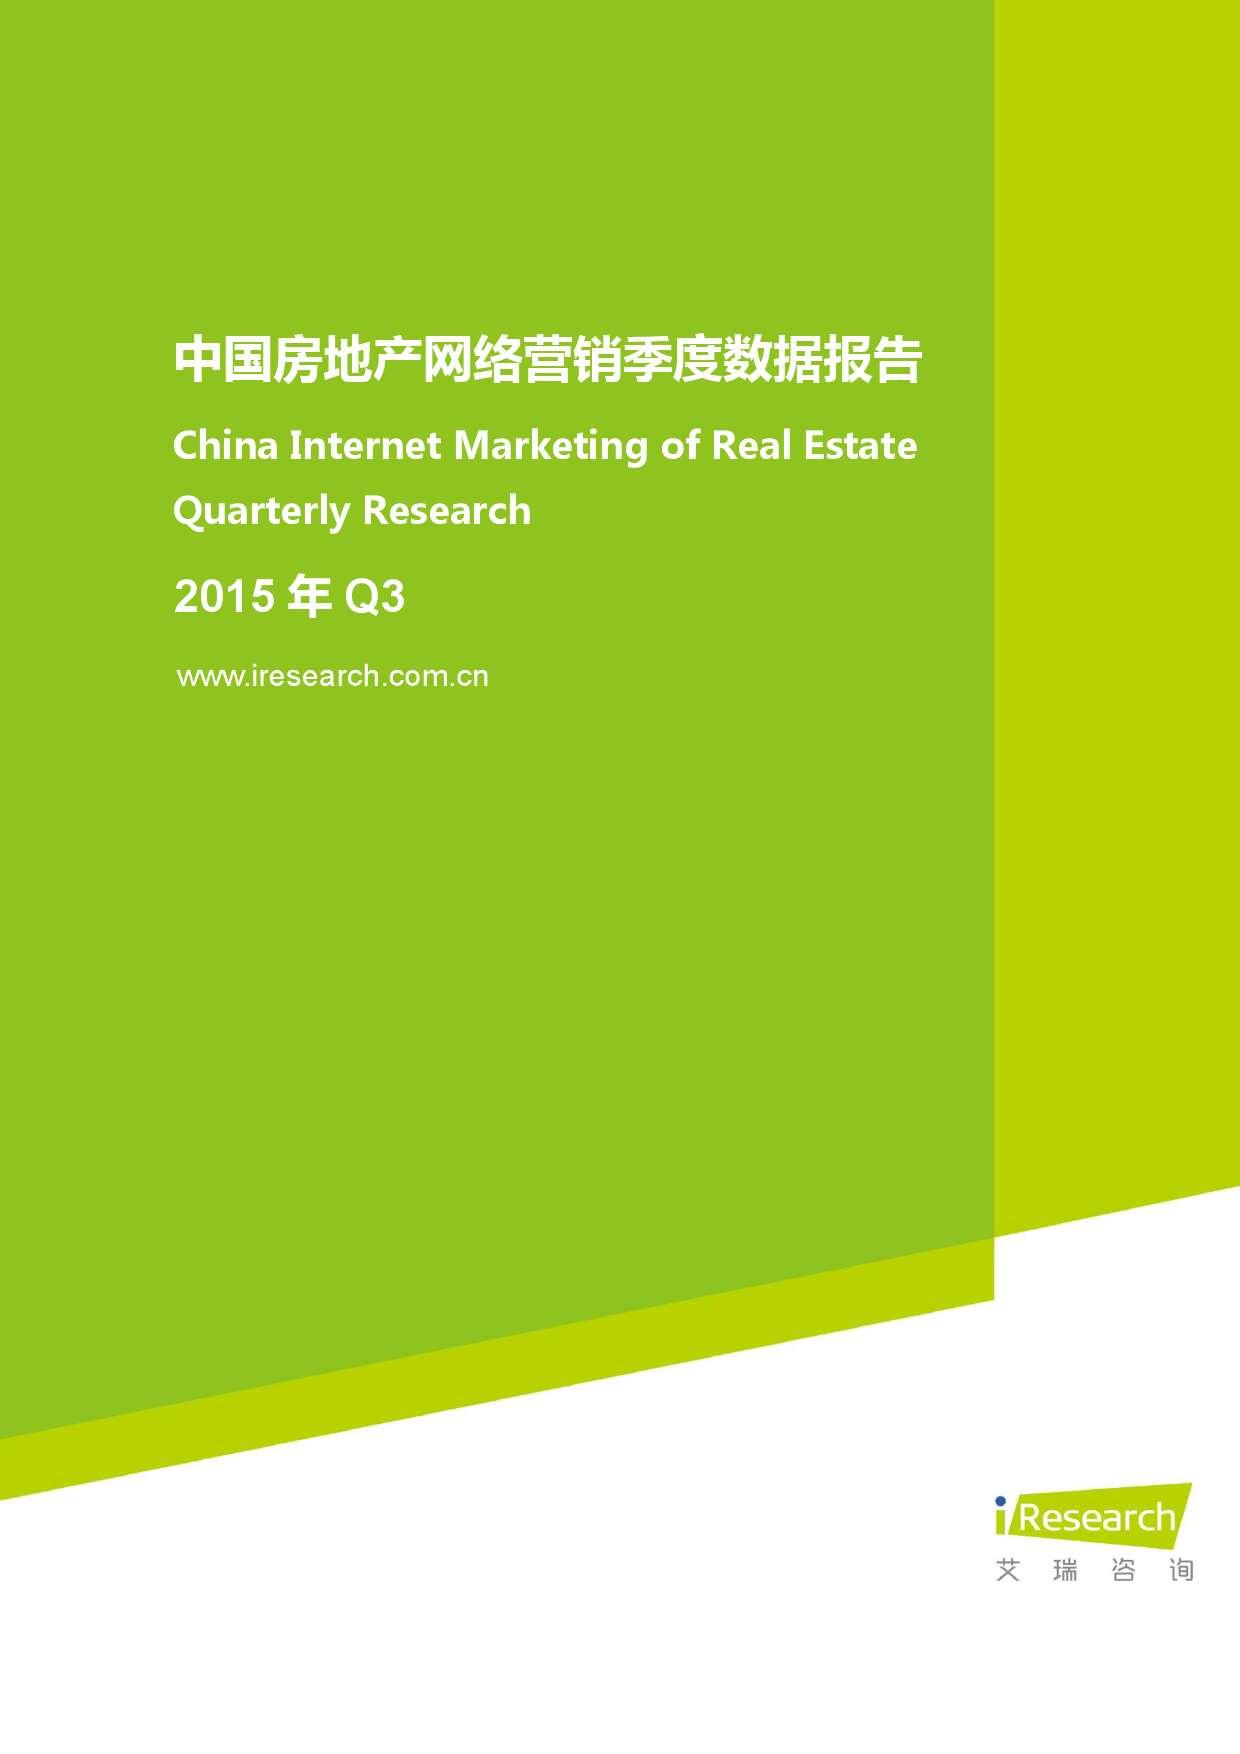 2015年Q3中国房地产网络营销季度数据报告_000001